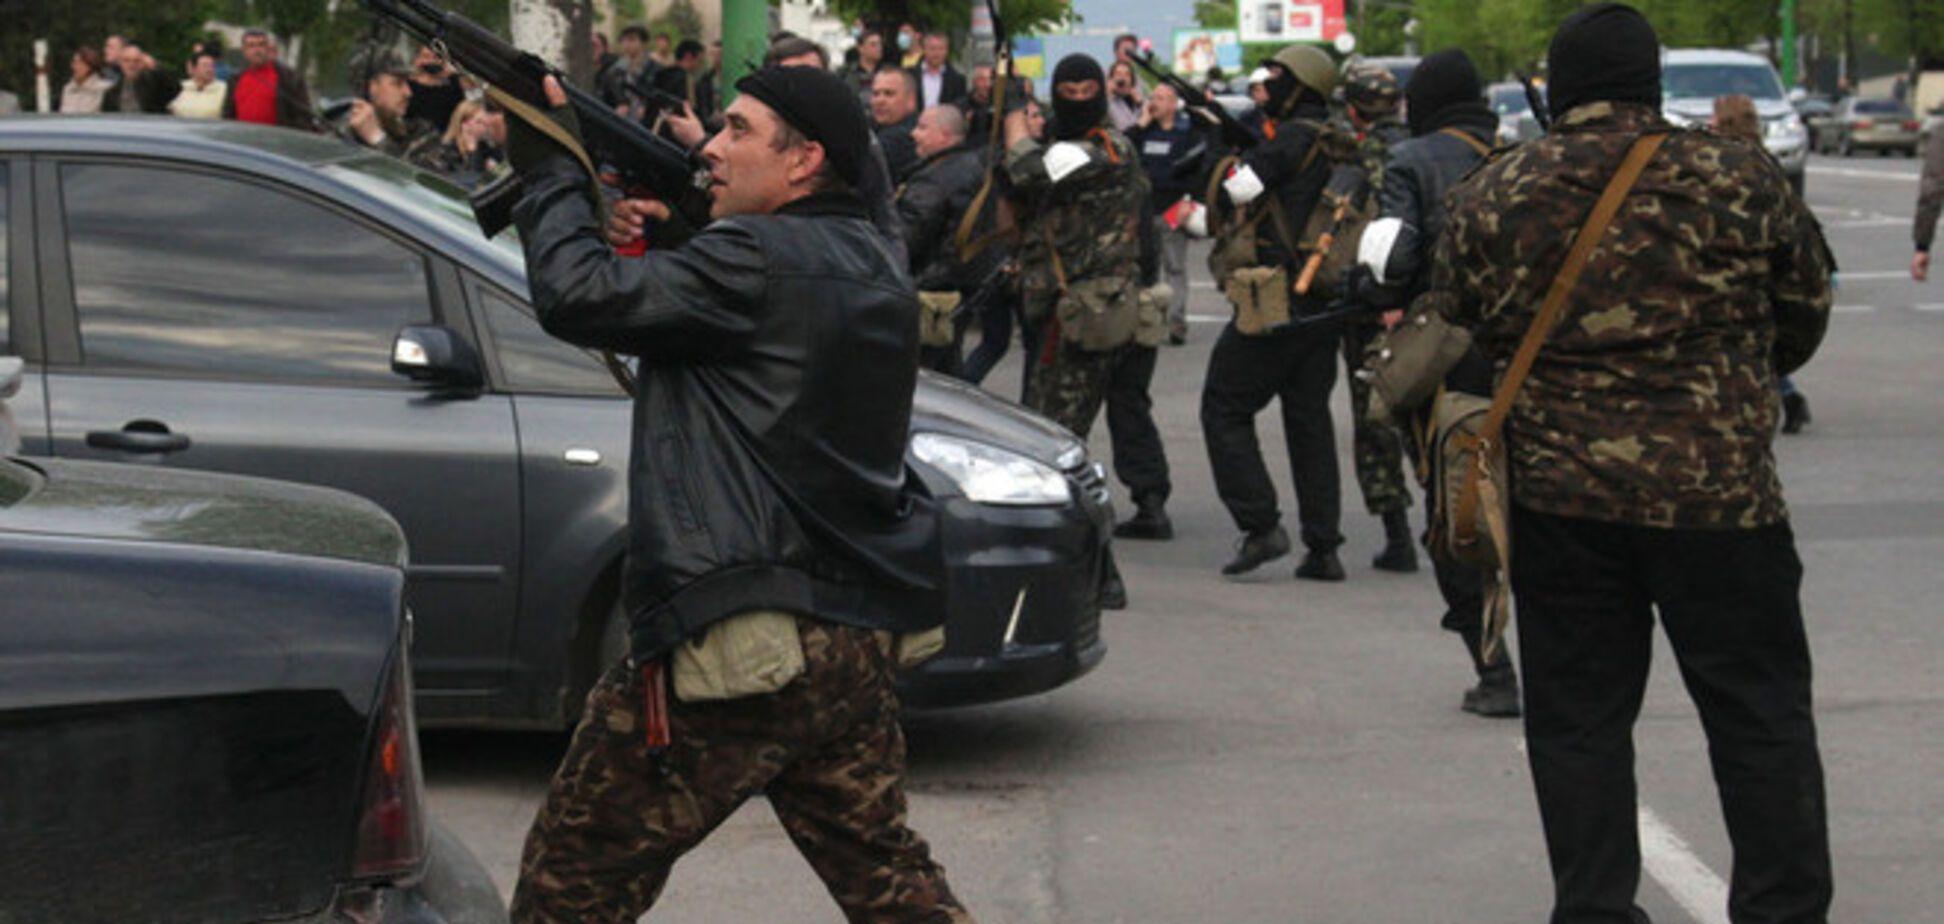 Луганские террористы забаррикадировались в помещении милиции